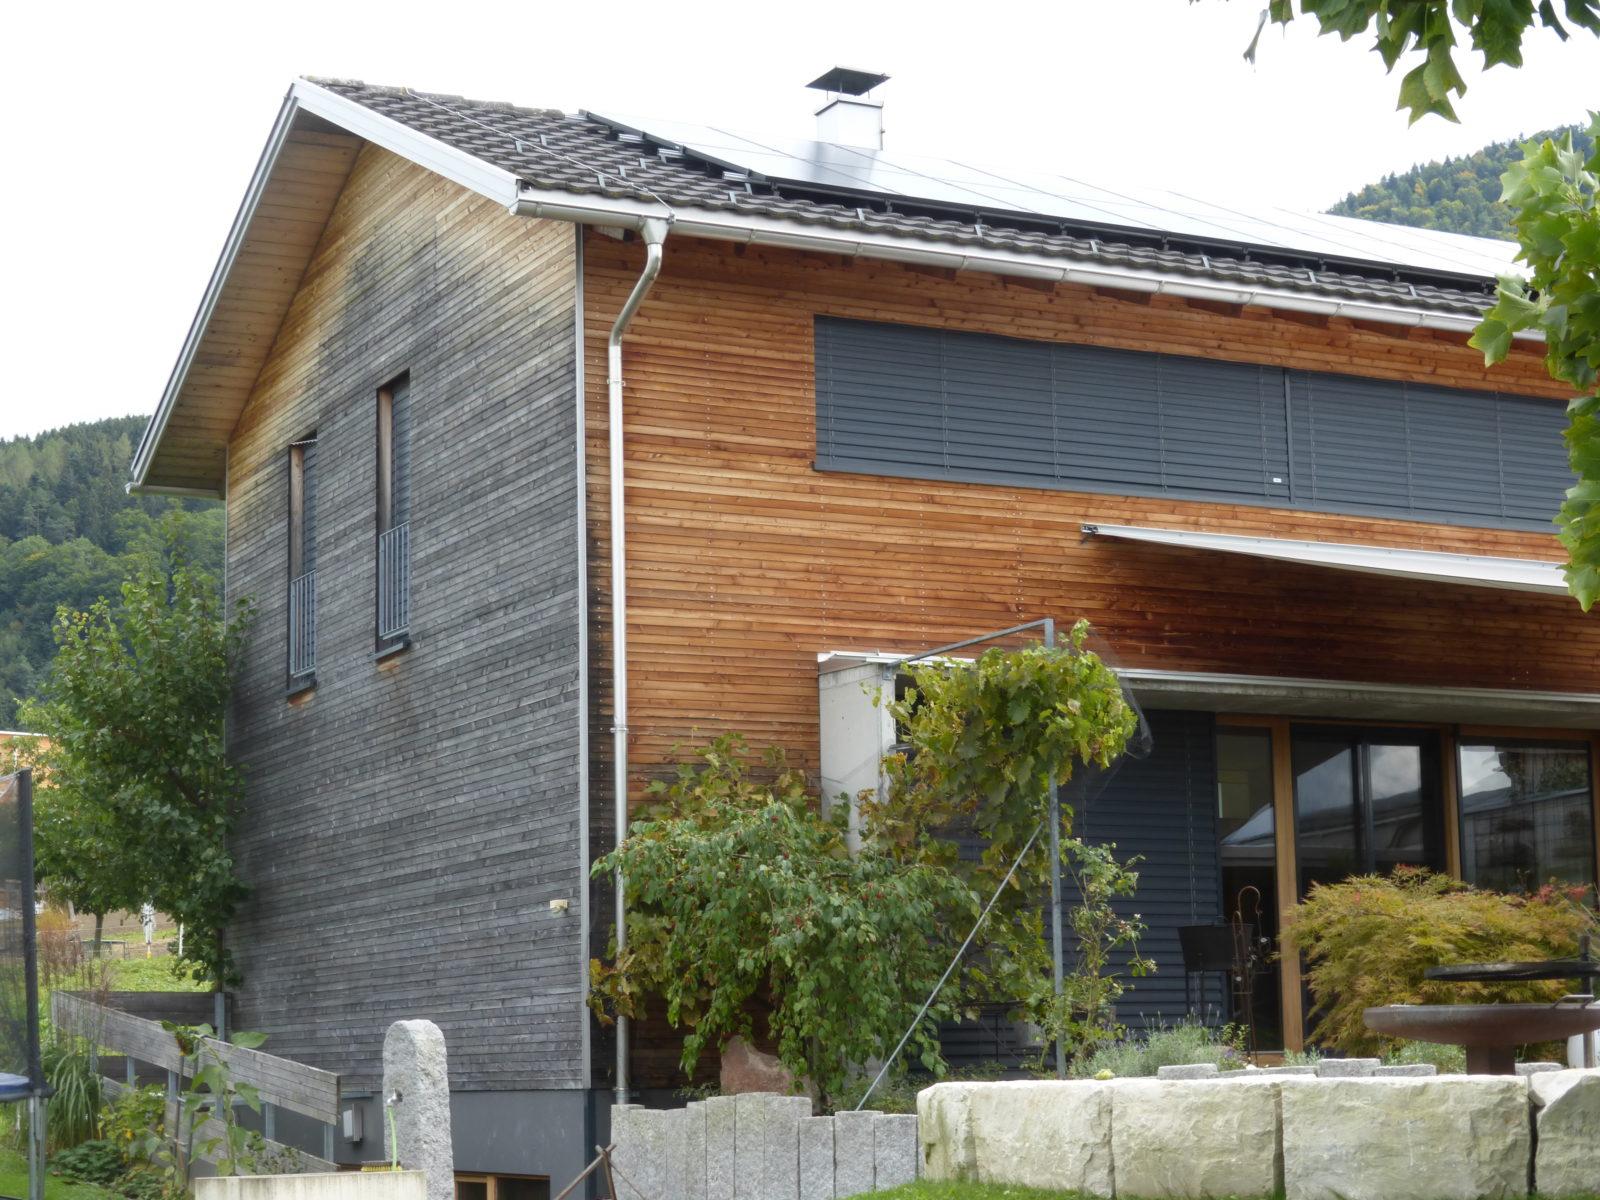 energie bonus bayern f r energieeffiziente neubauten holzhaus bauen. Black Bedroom Furniture Sets. Home Design Ideas